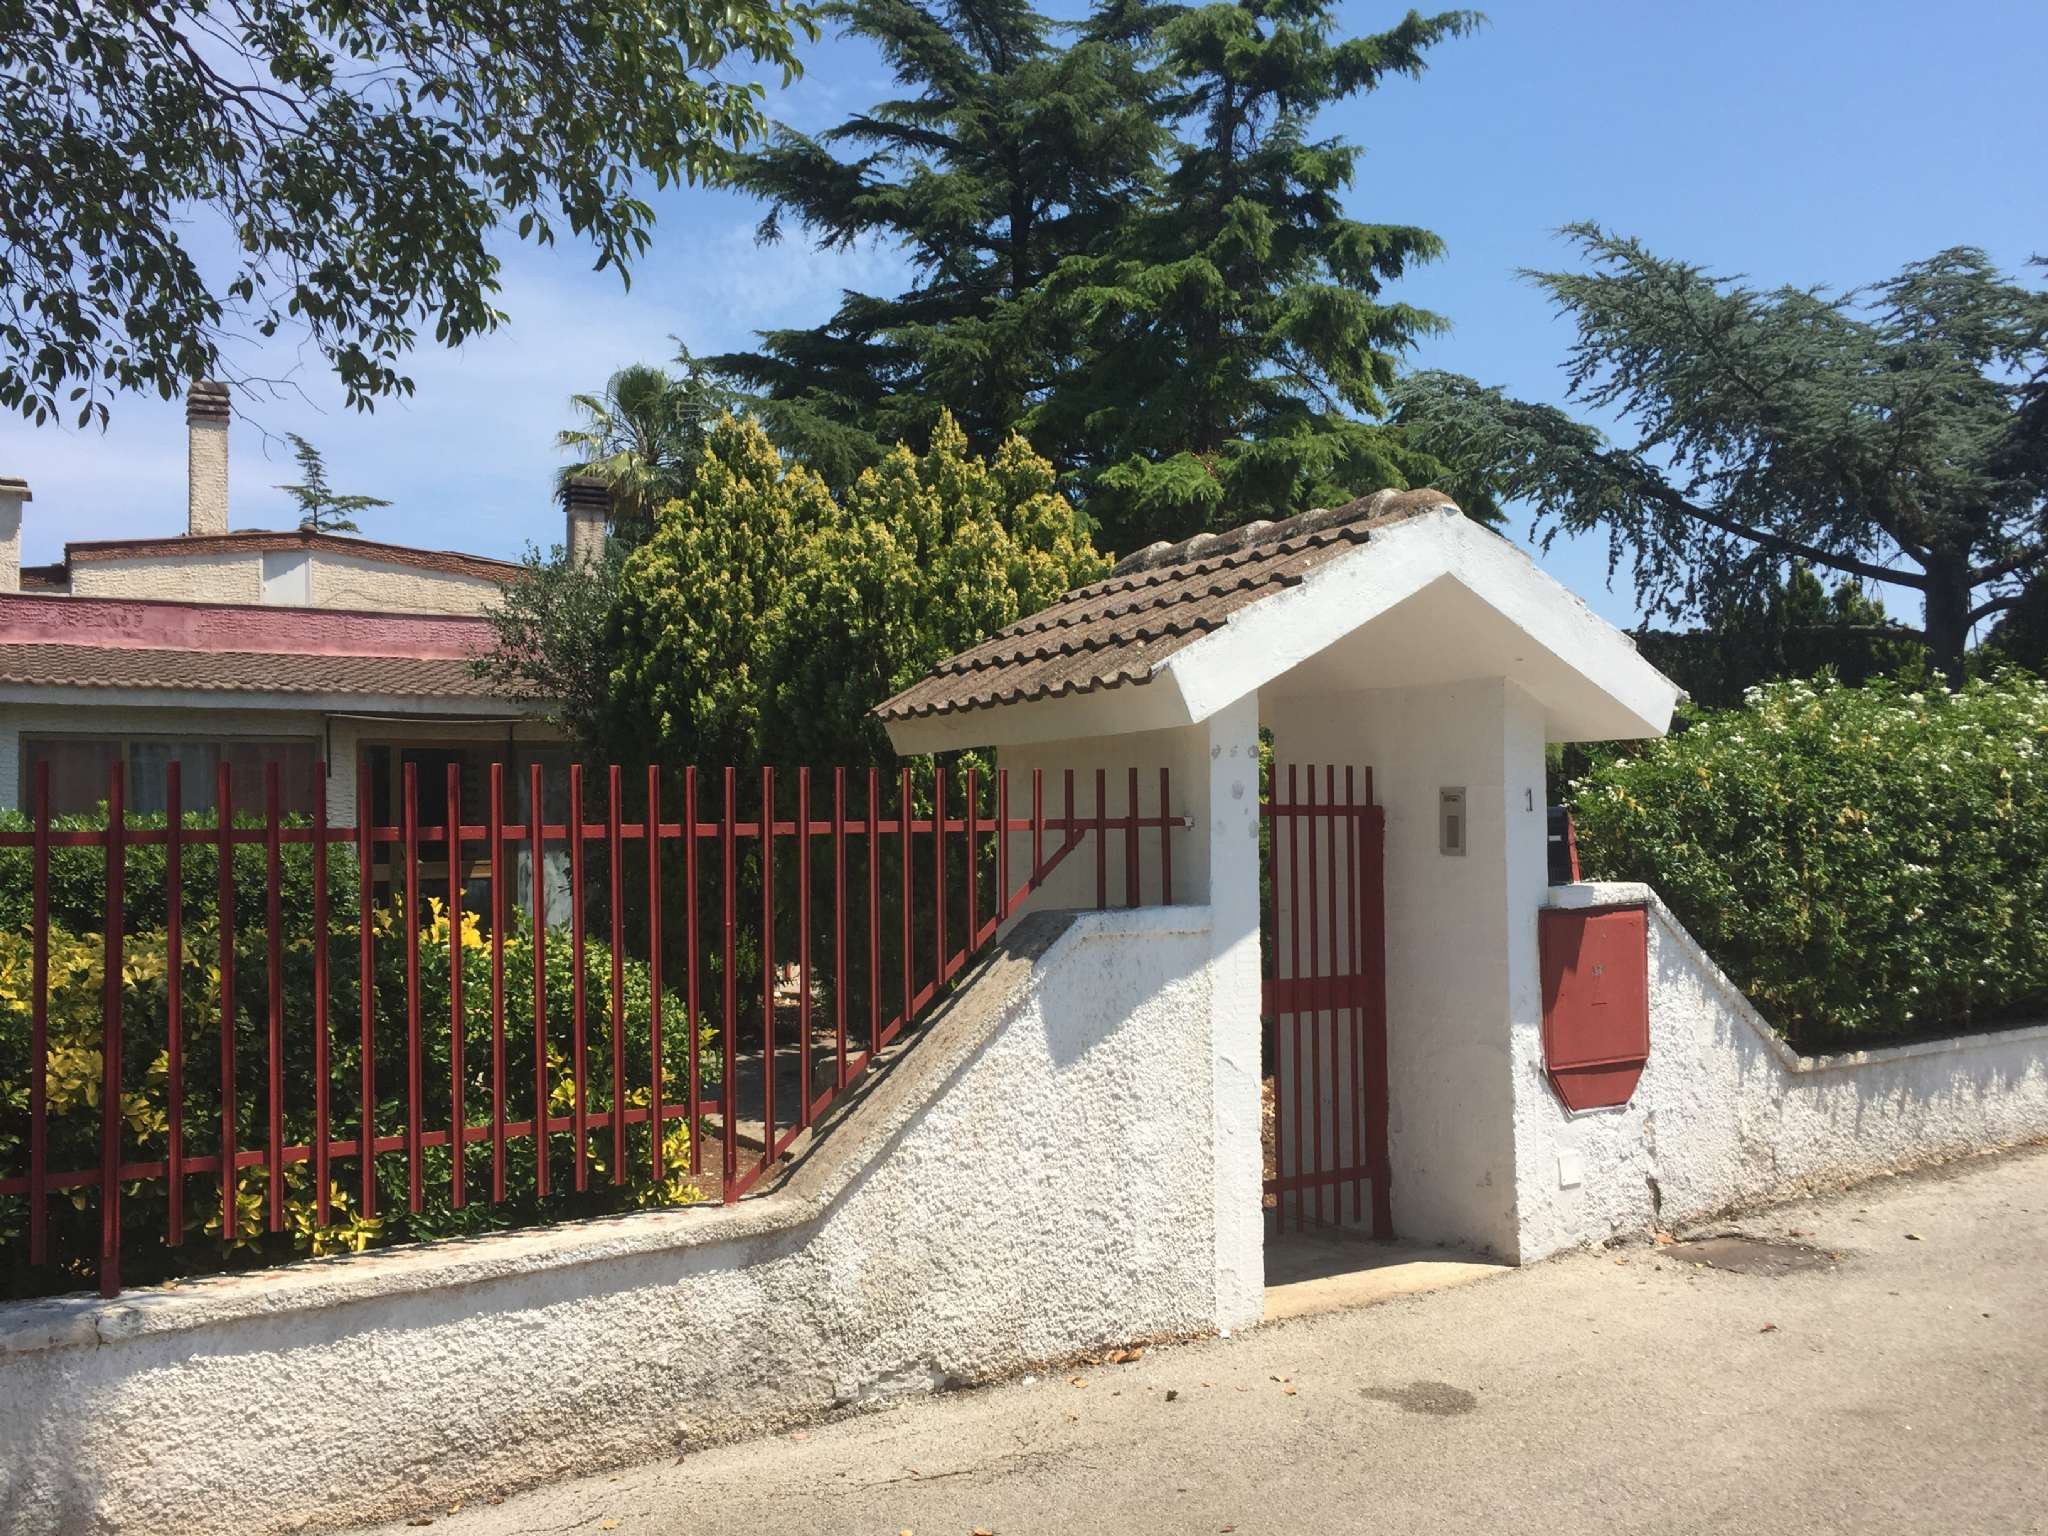 Villa in vendita a Modugno, 5 locali, prezzo € 287.000 | CambioCasa.it